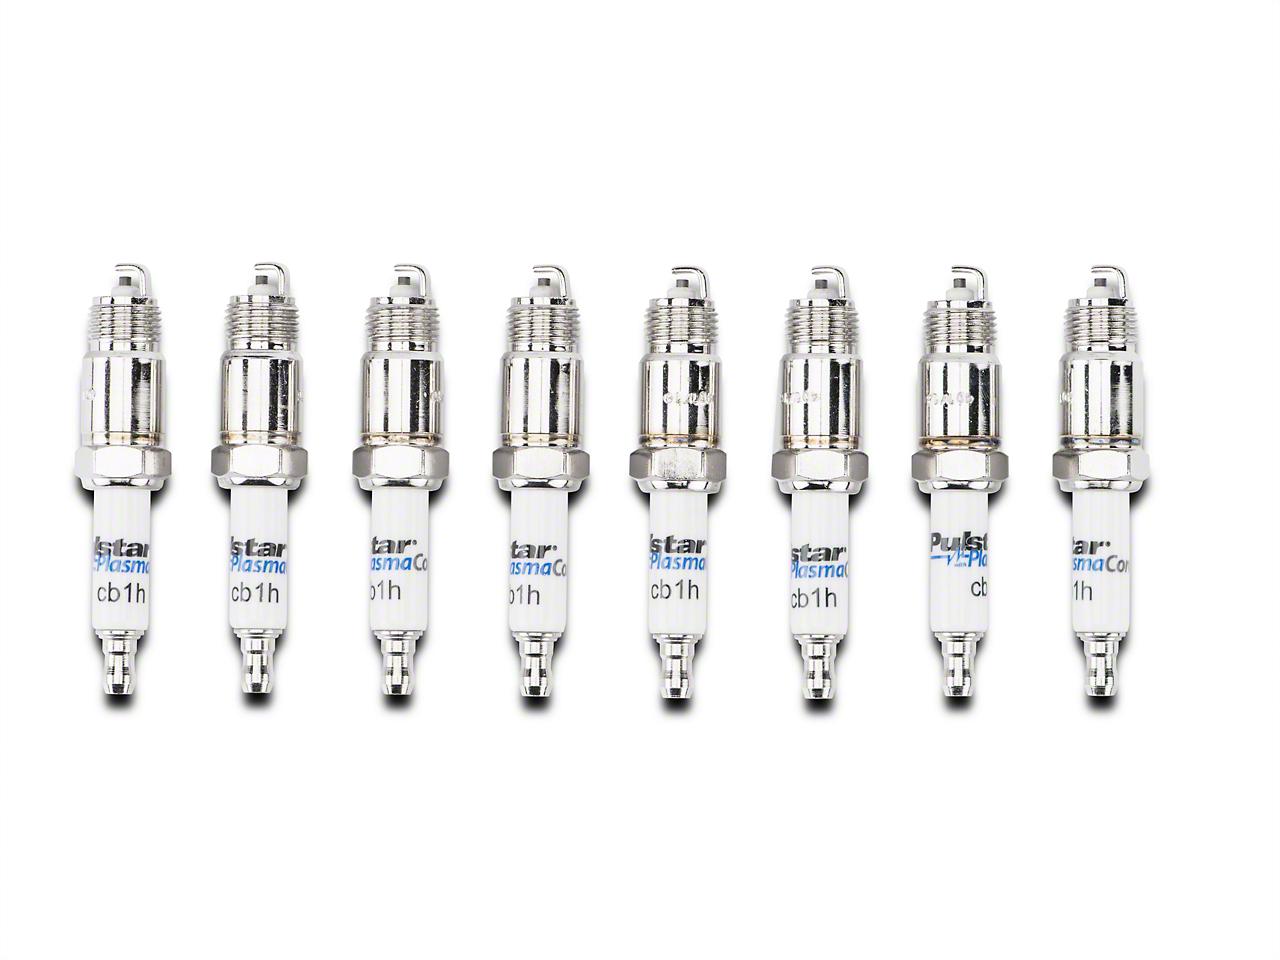 Pulstar PlasmaCore Spark Plugs (79-85 5.0L; 88-93 5.0L; 94-95 GT)